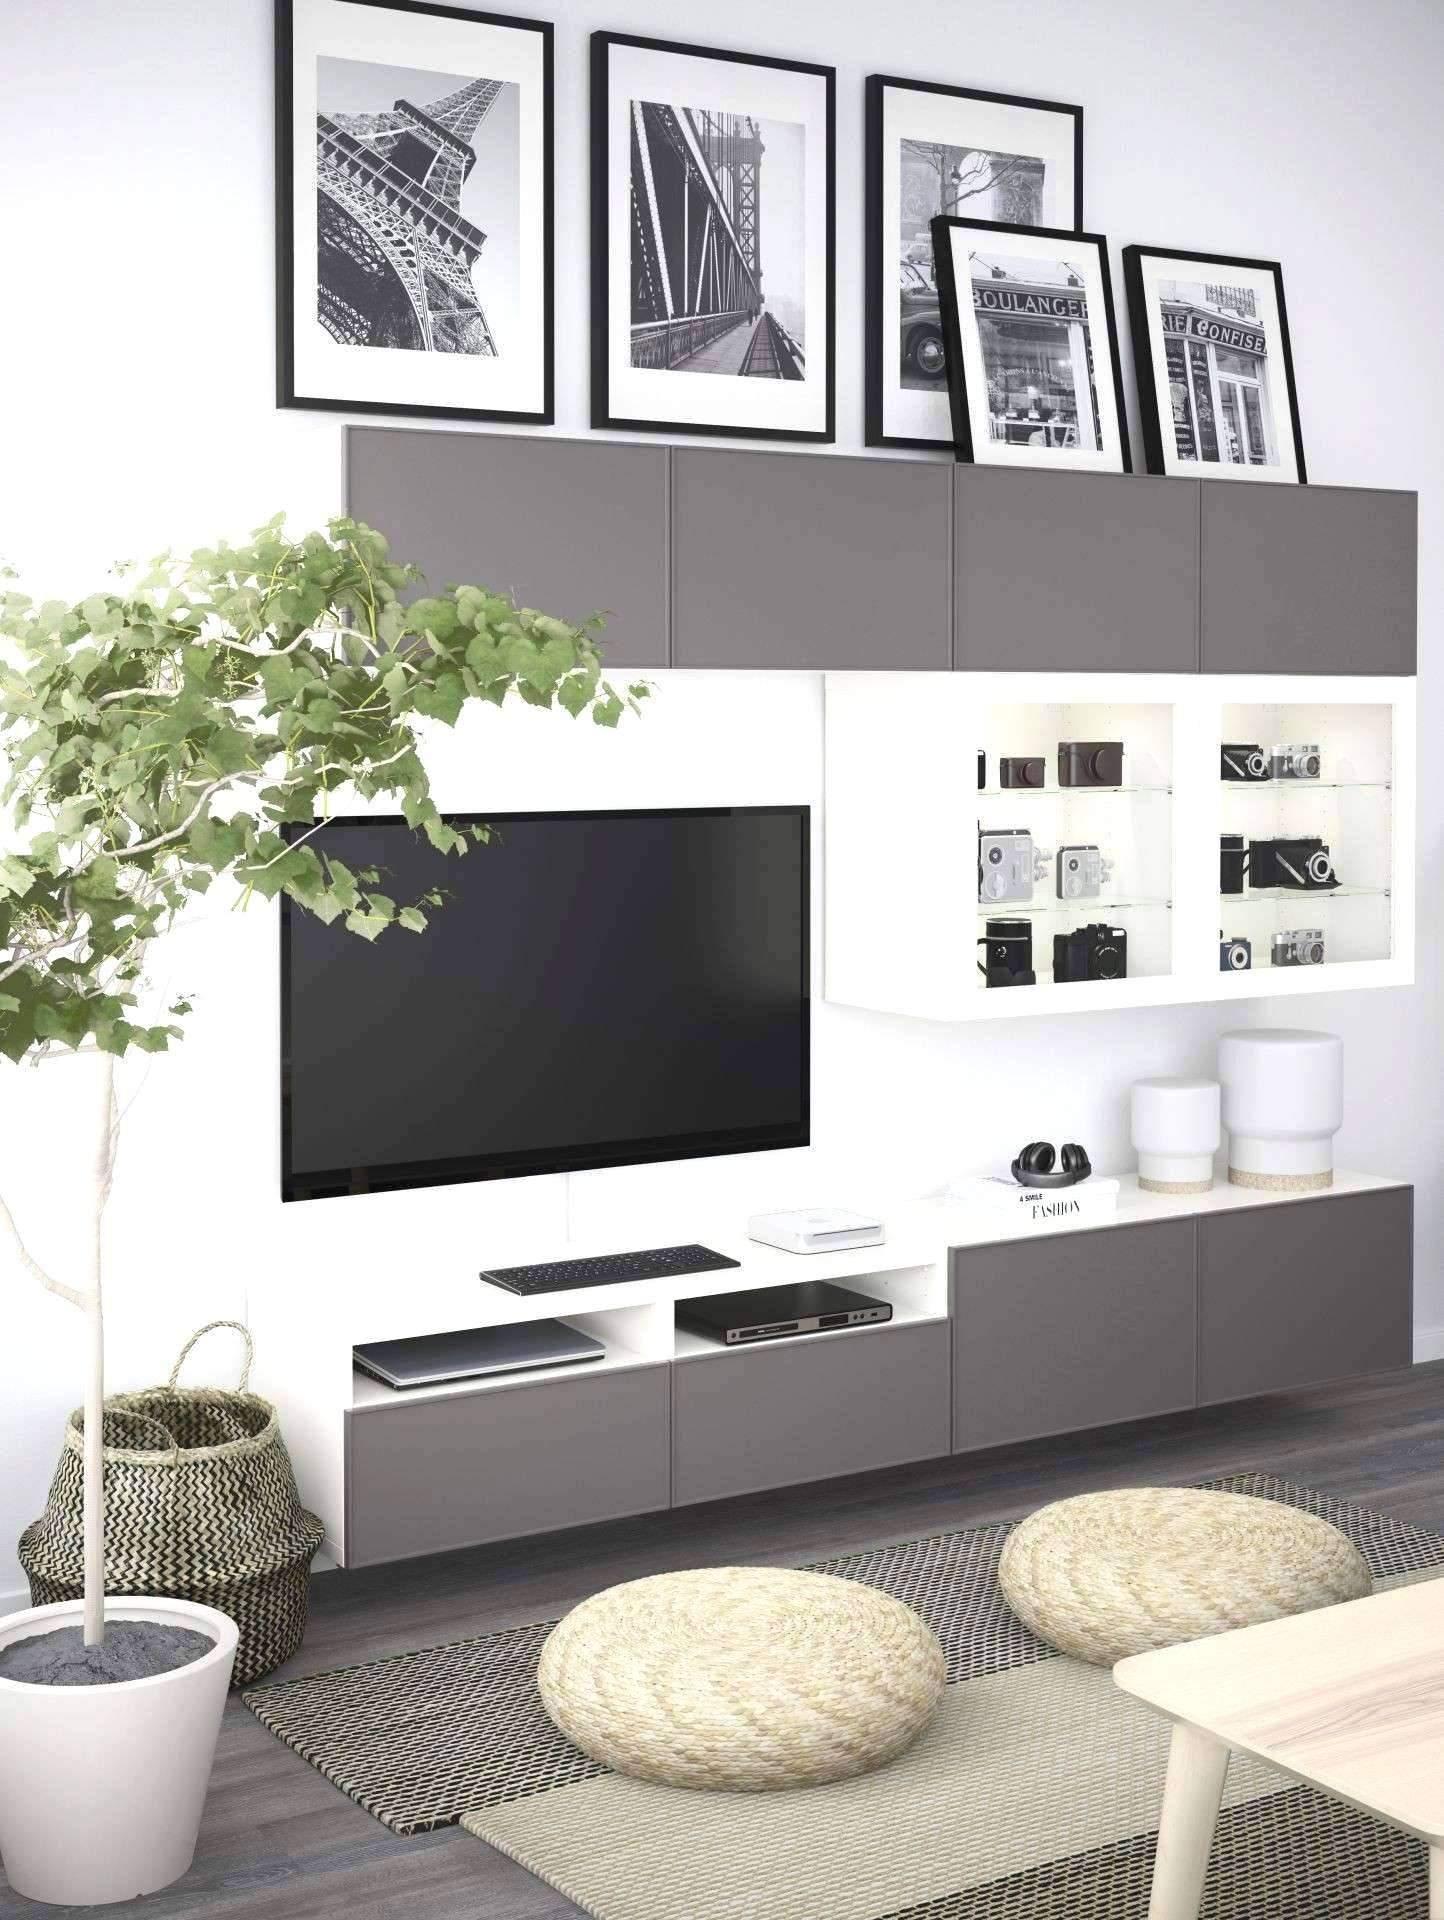 wohnzimmer deko online shop inspirierend inspiration wohnzimmer deko frisch wohnzimmer deko schon of wohnzimmer deko online shop